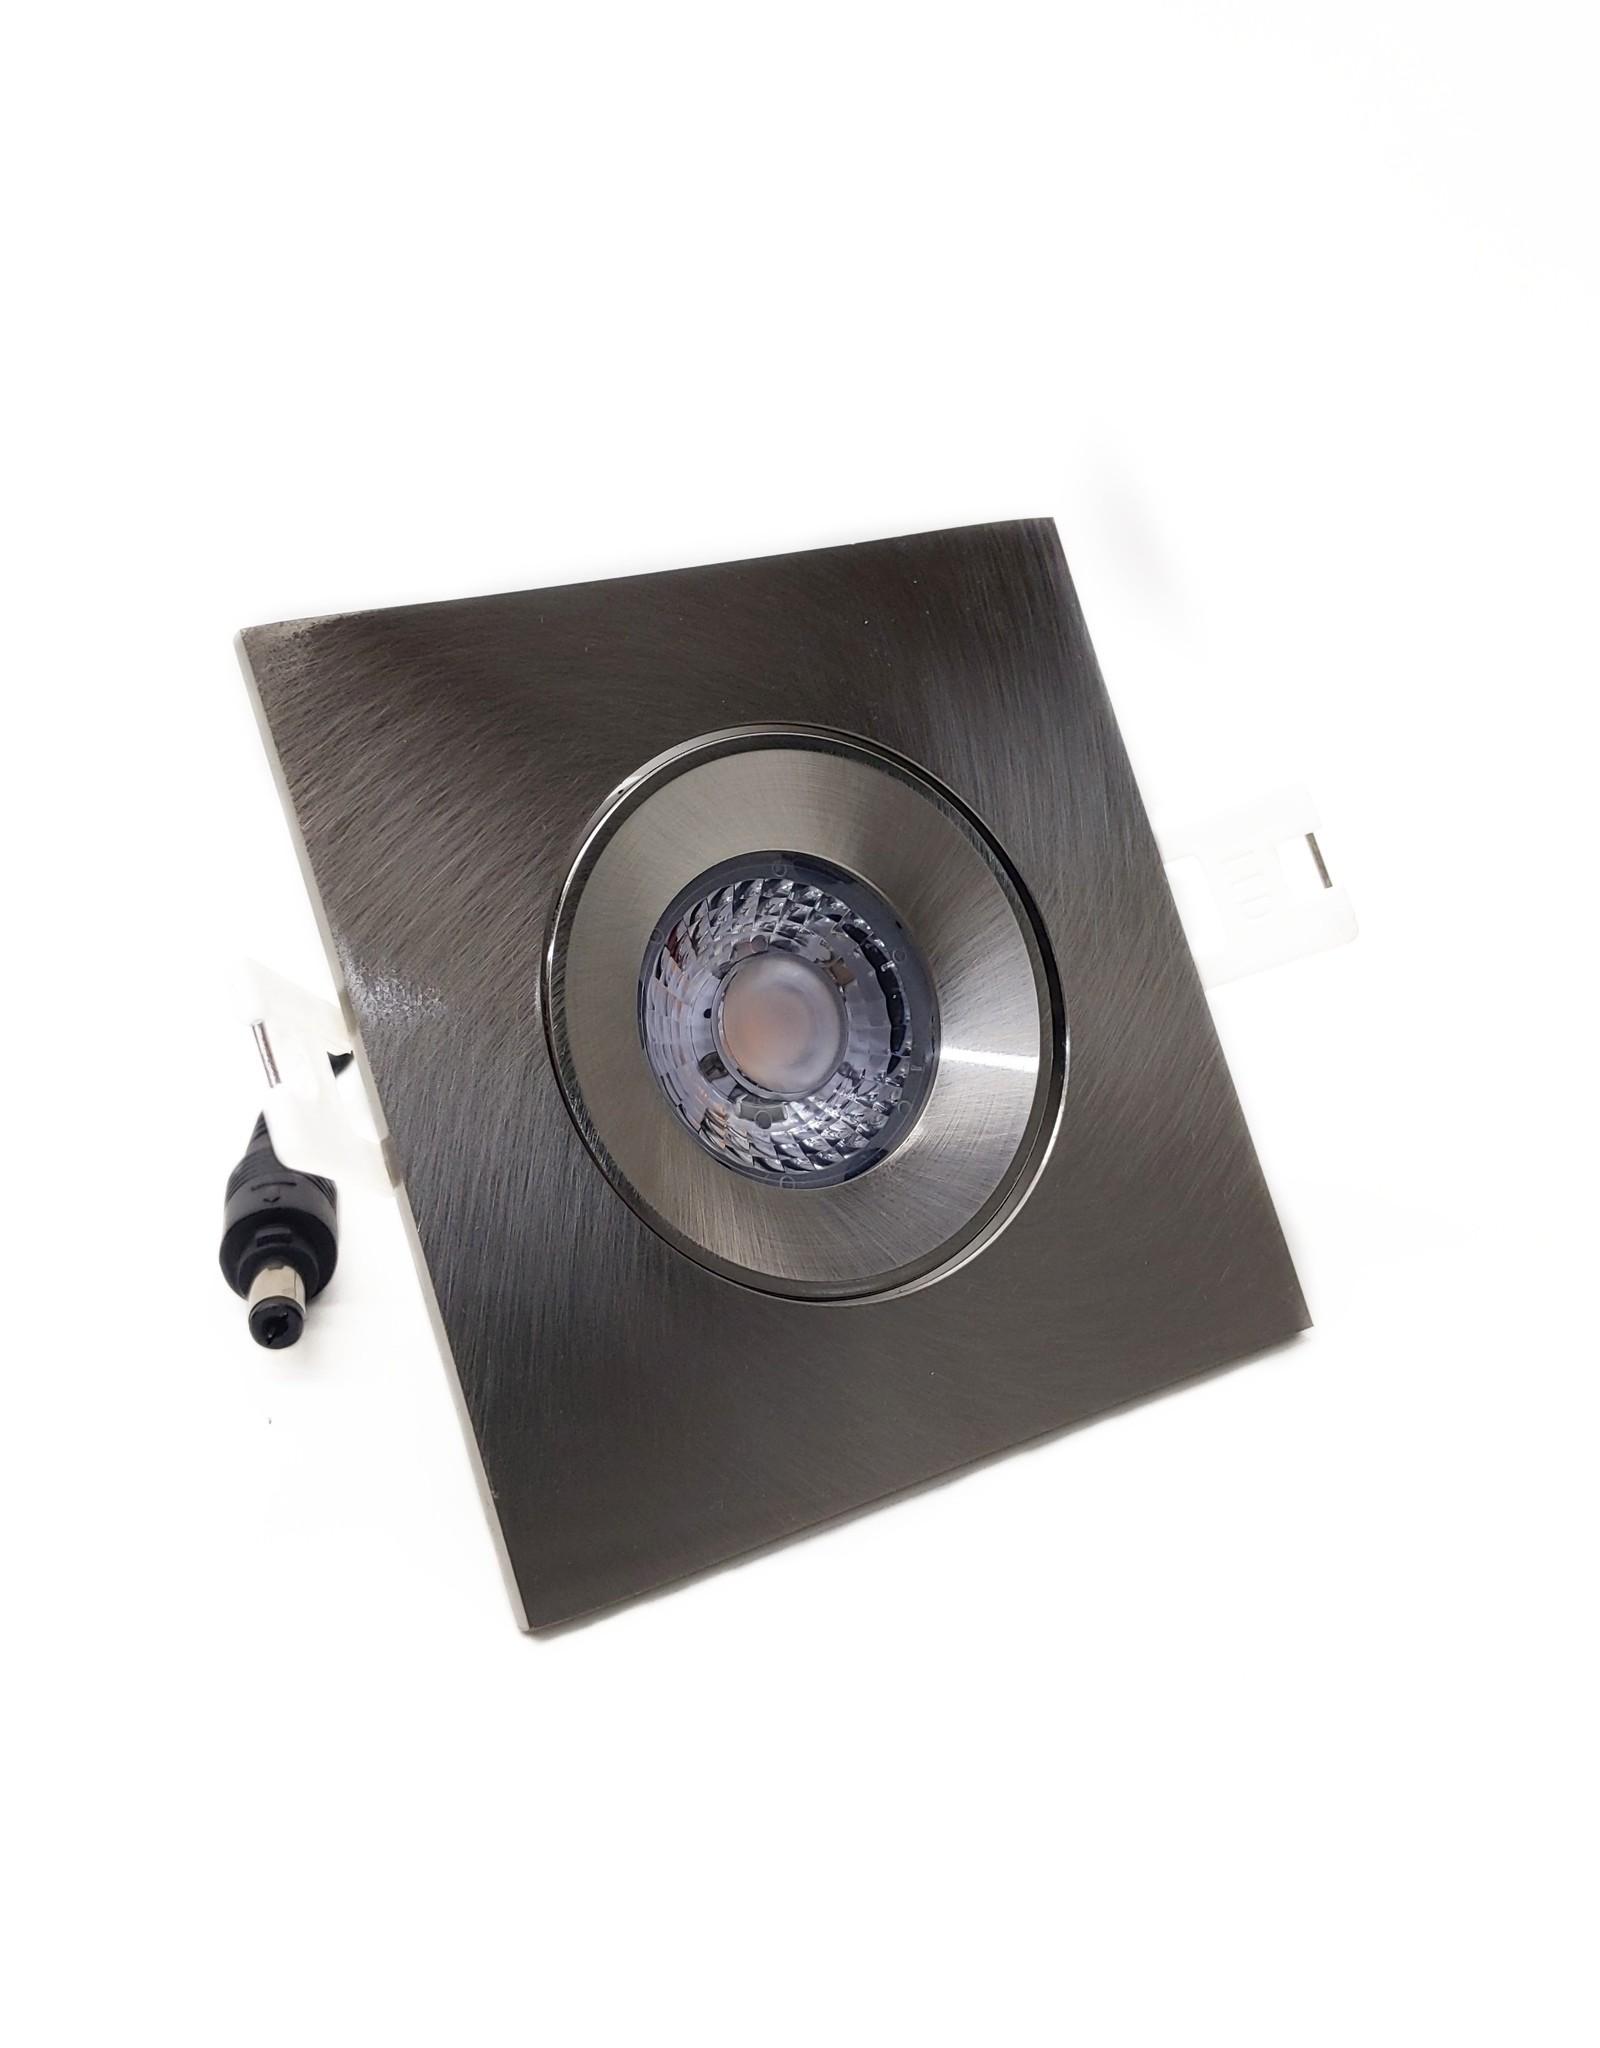 LedLed Addy led kantelspot vierkant rvs dimbaar - Interieur lens